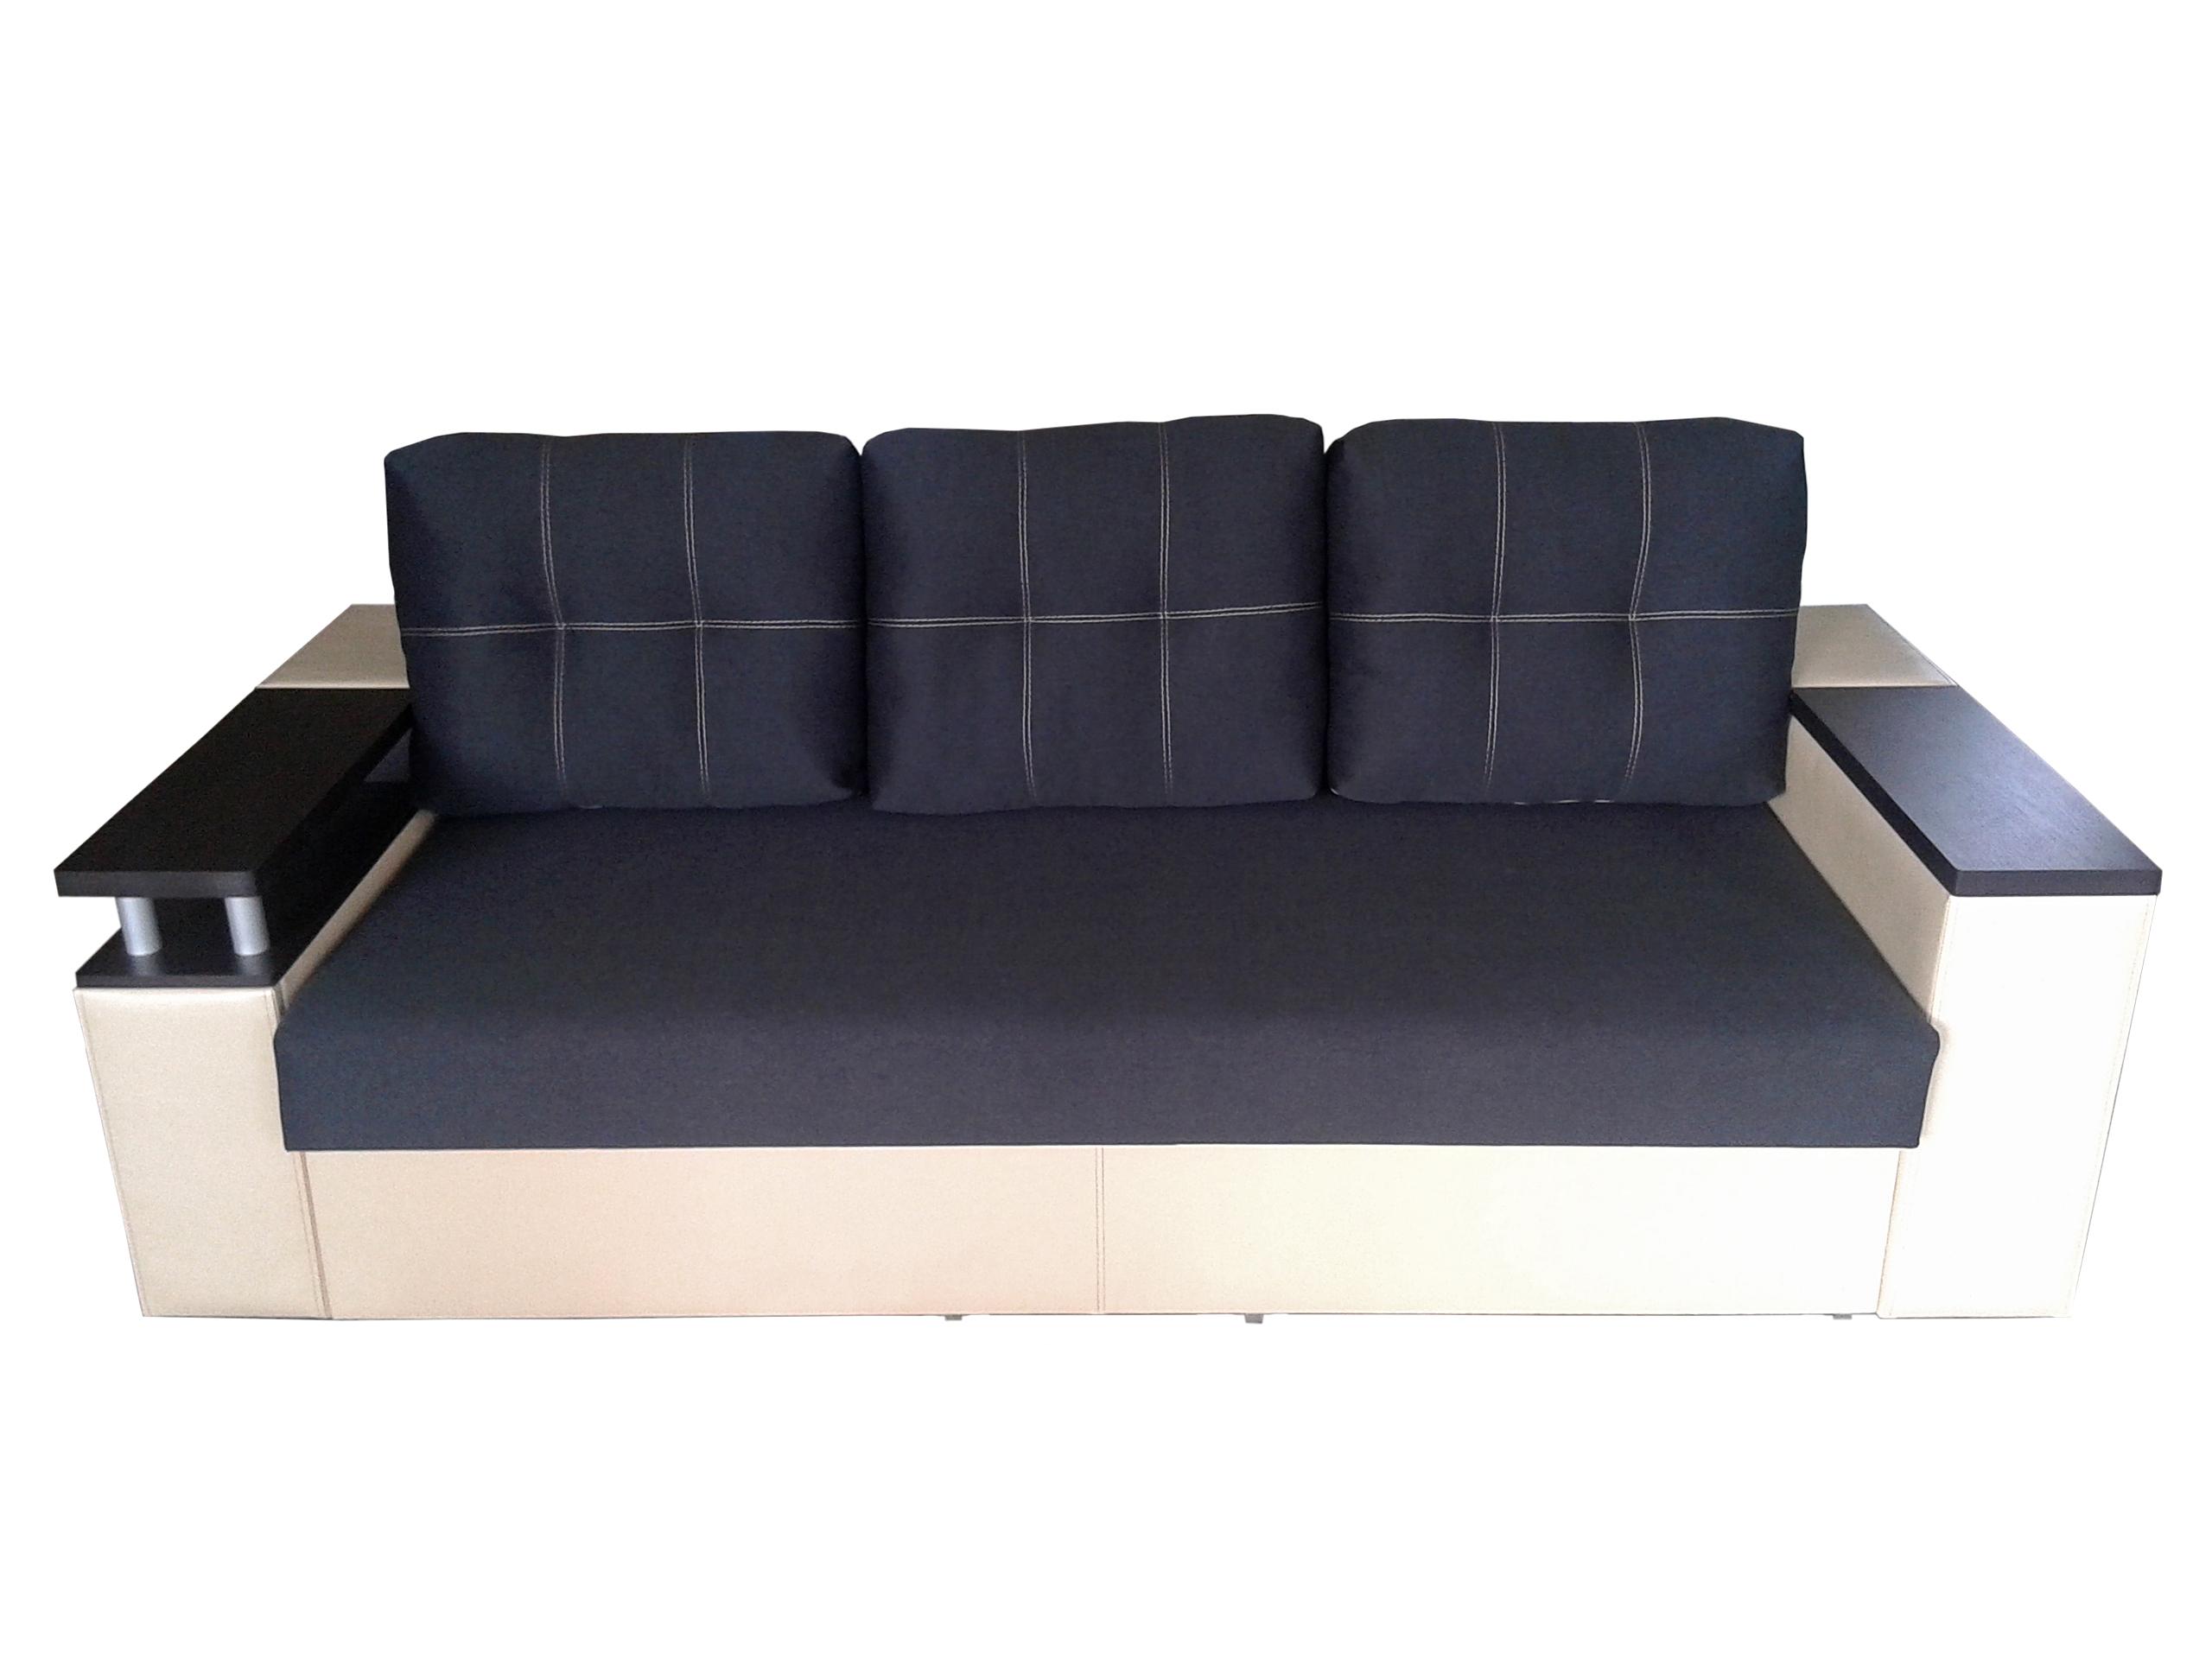 Эксклюзивная мебель на заказ: изготовление на высшем уровне